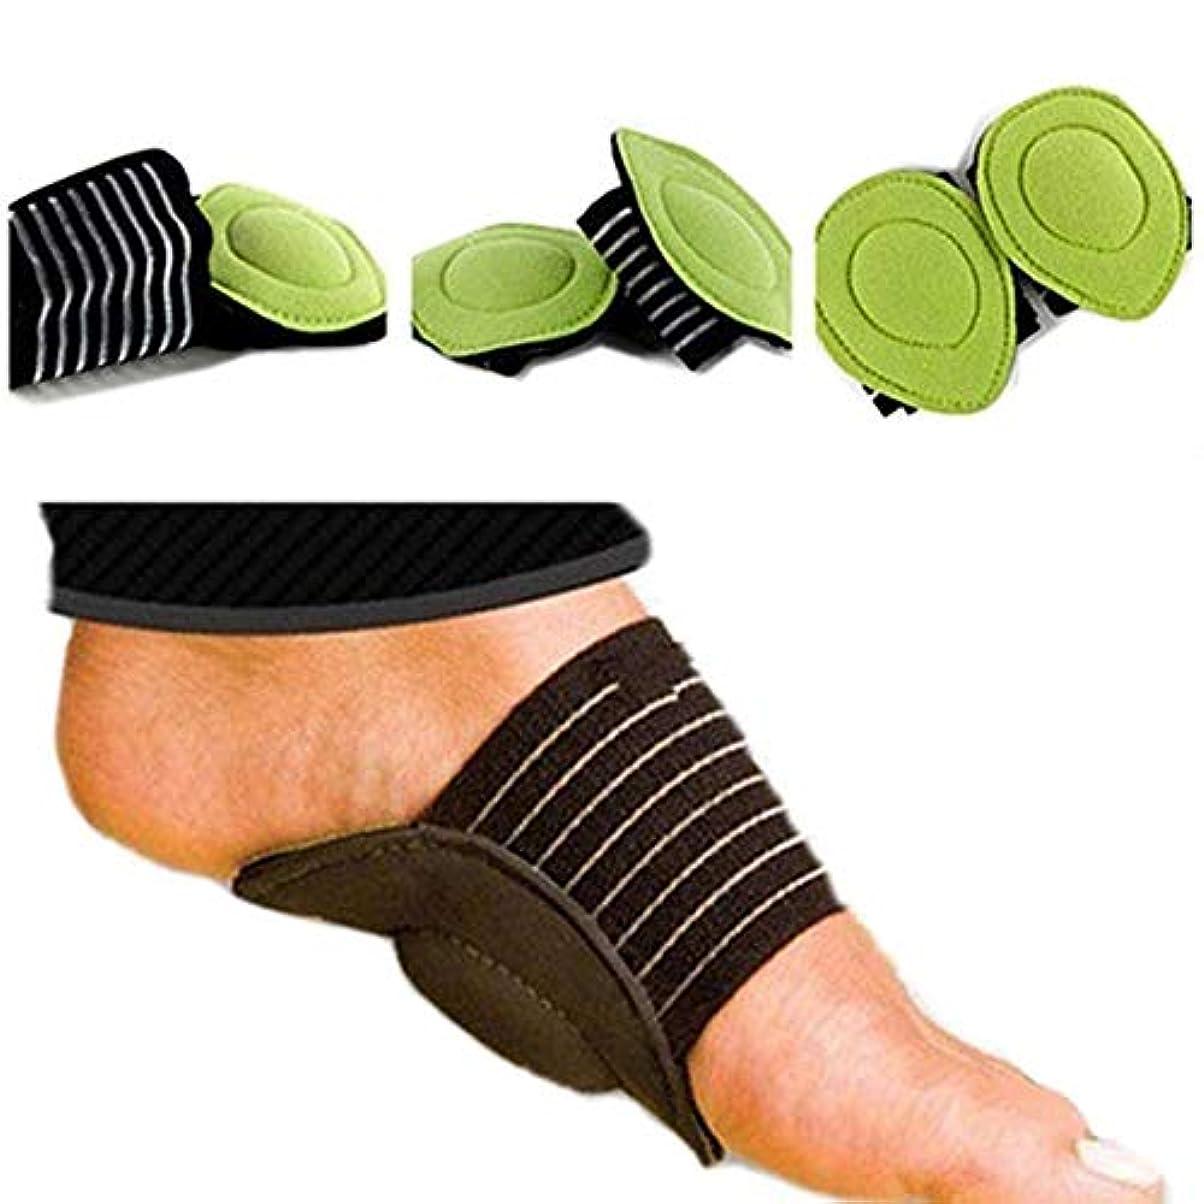 5ペア足ヒールの痛みを軽減足底筋膜炎のインソールパッドアーチサポートシューズインサート